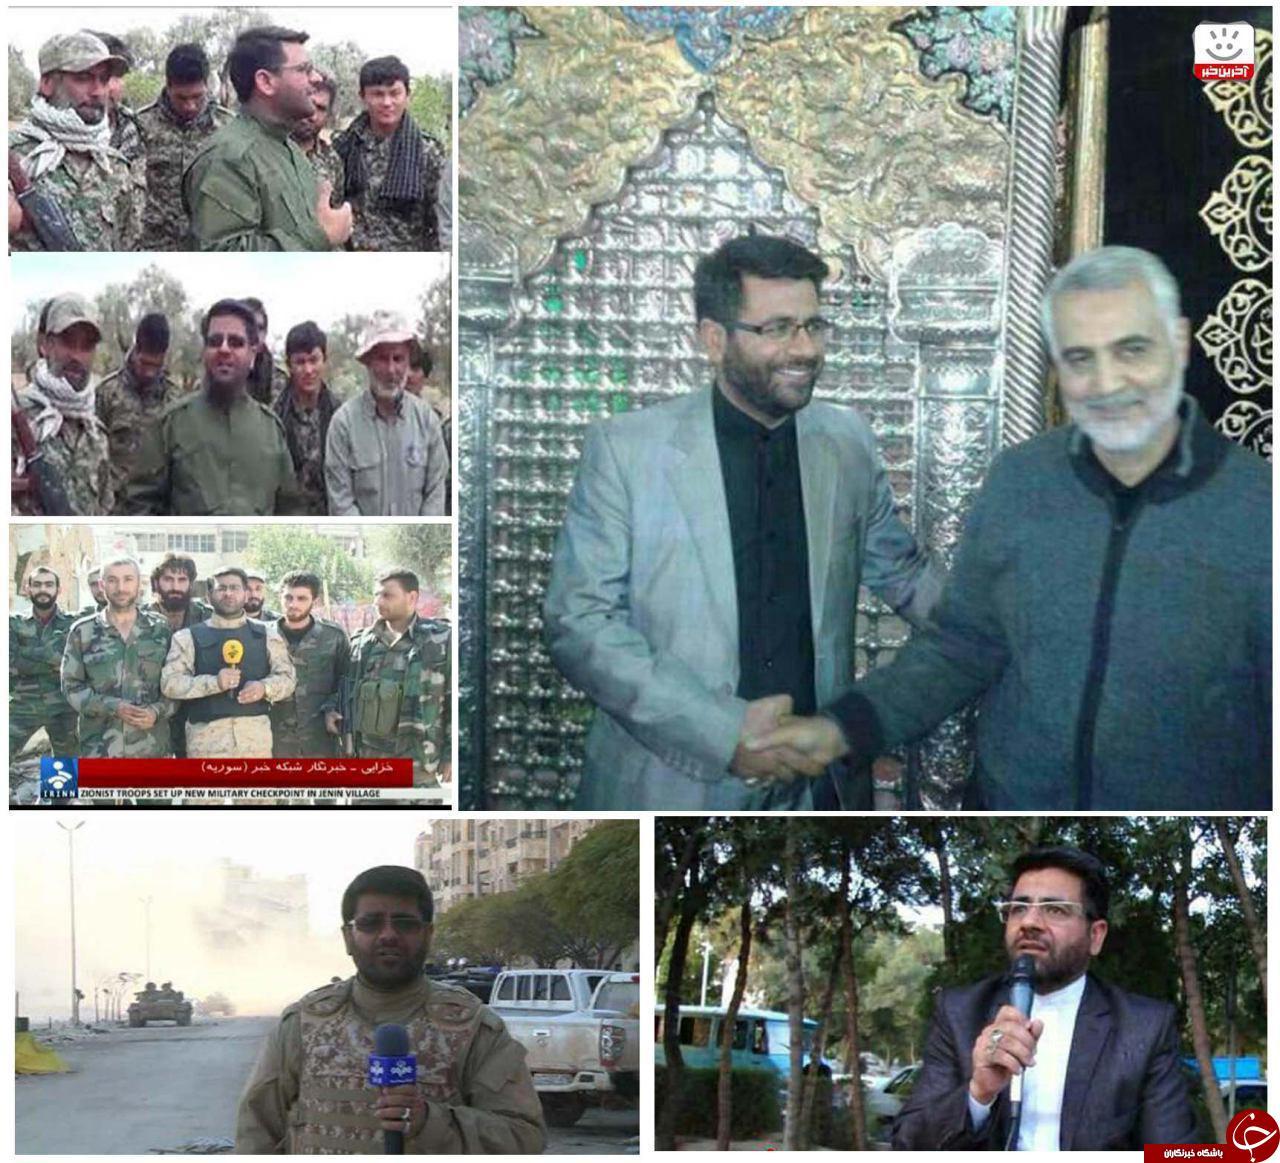 شهادت خبرنگار خبرگزاری صدا و سیما در حلب+ فیلم و تصاویر